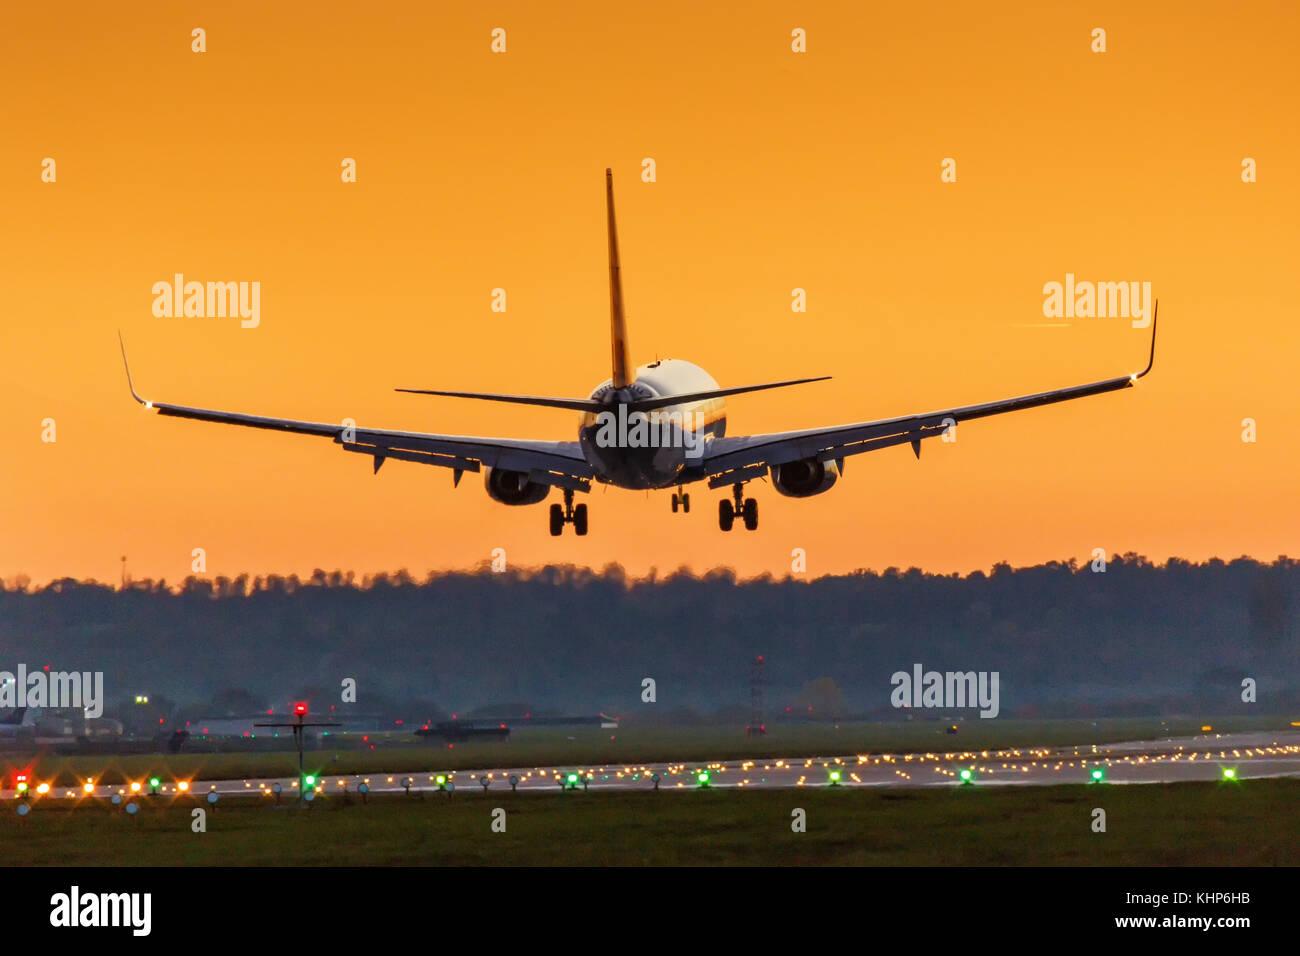 Atterraggio aereo Aeroporto di Stoccarda sun tramonto vacanza vacanze viaggio aereo viaggio aereo in volo Immagini Stock